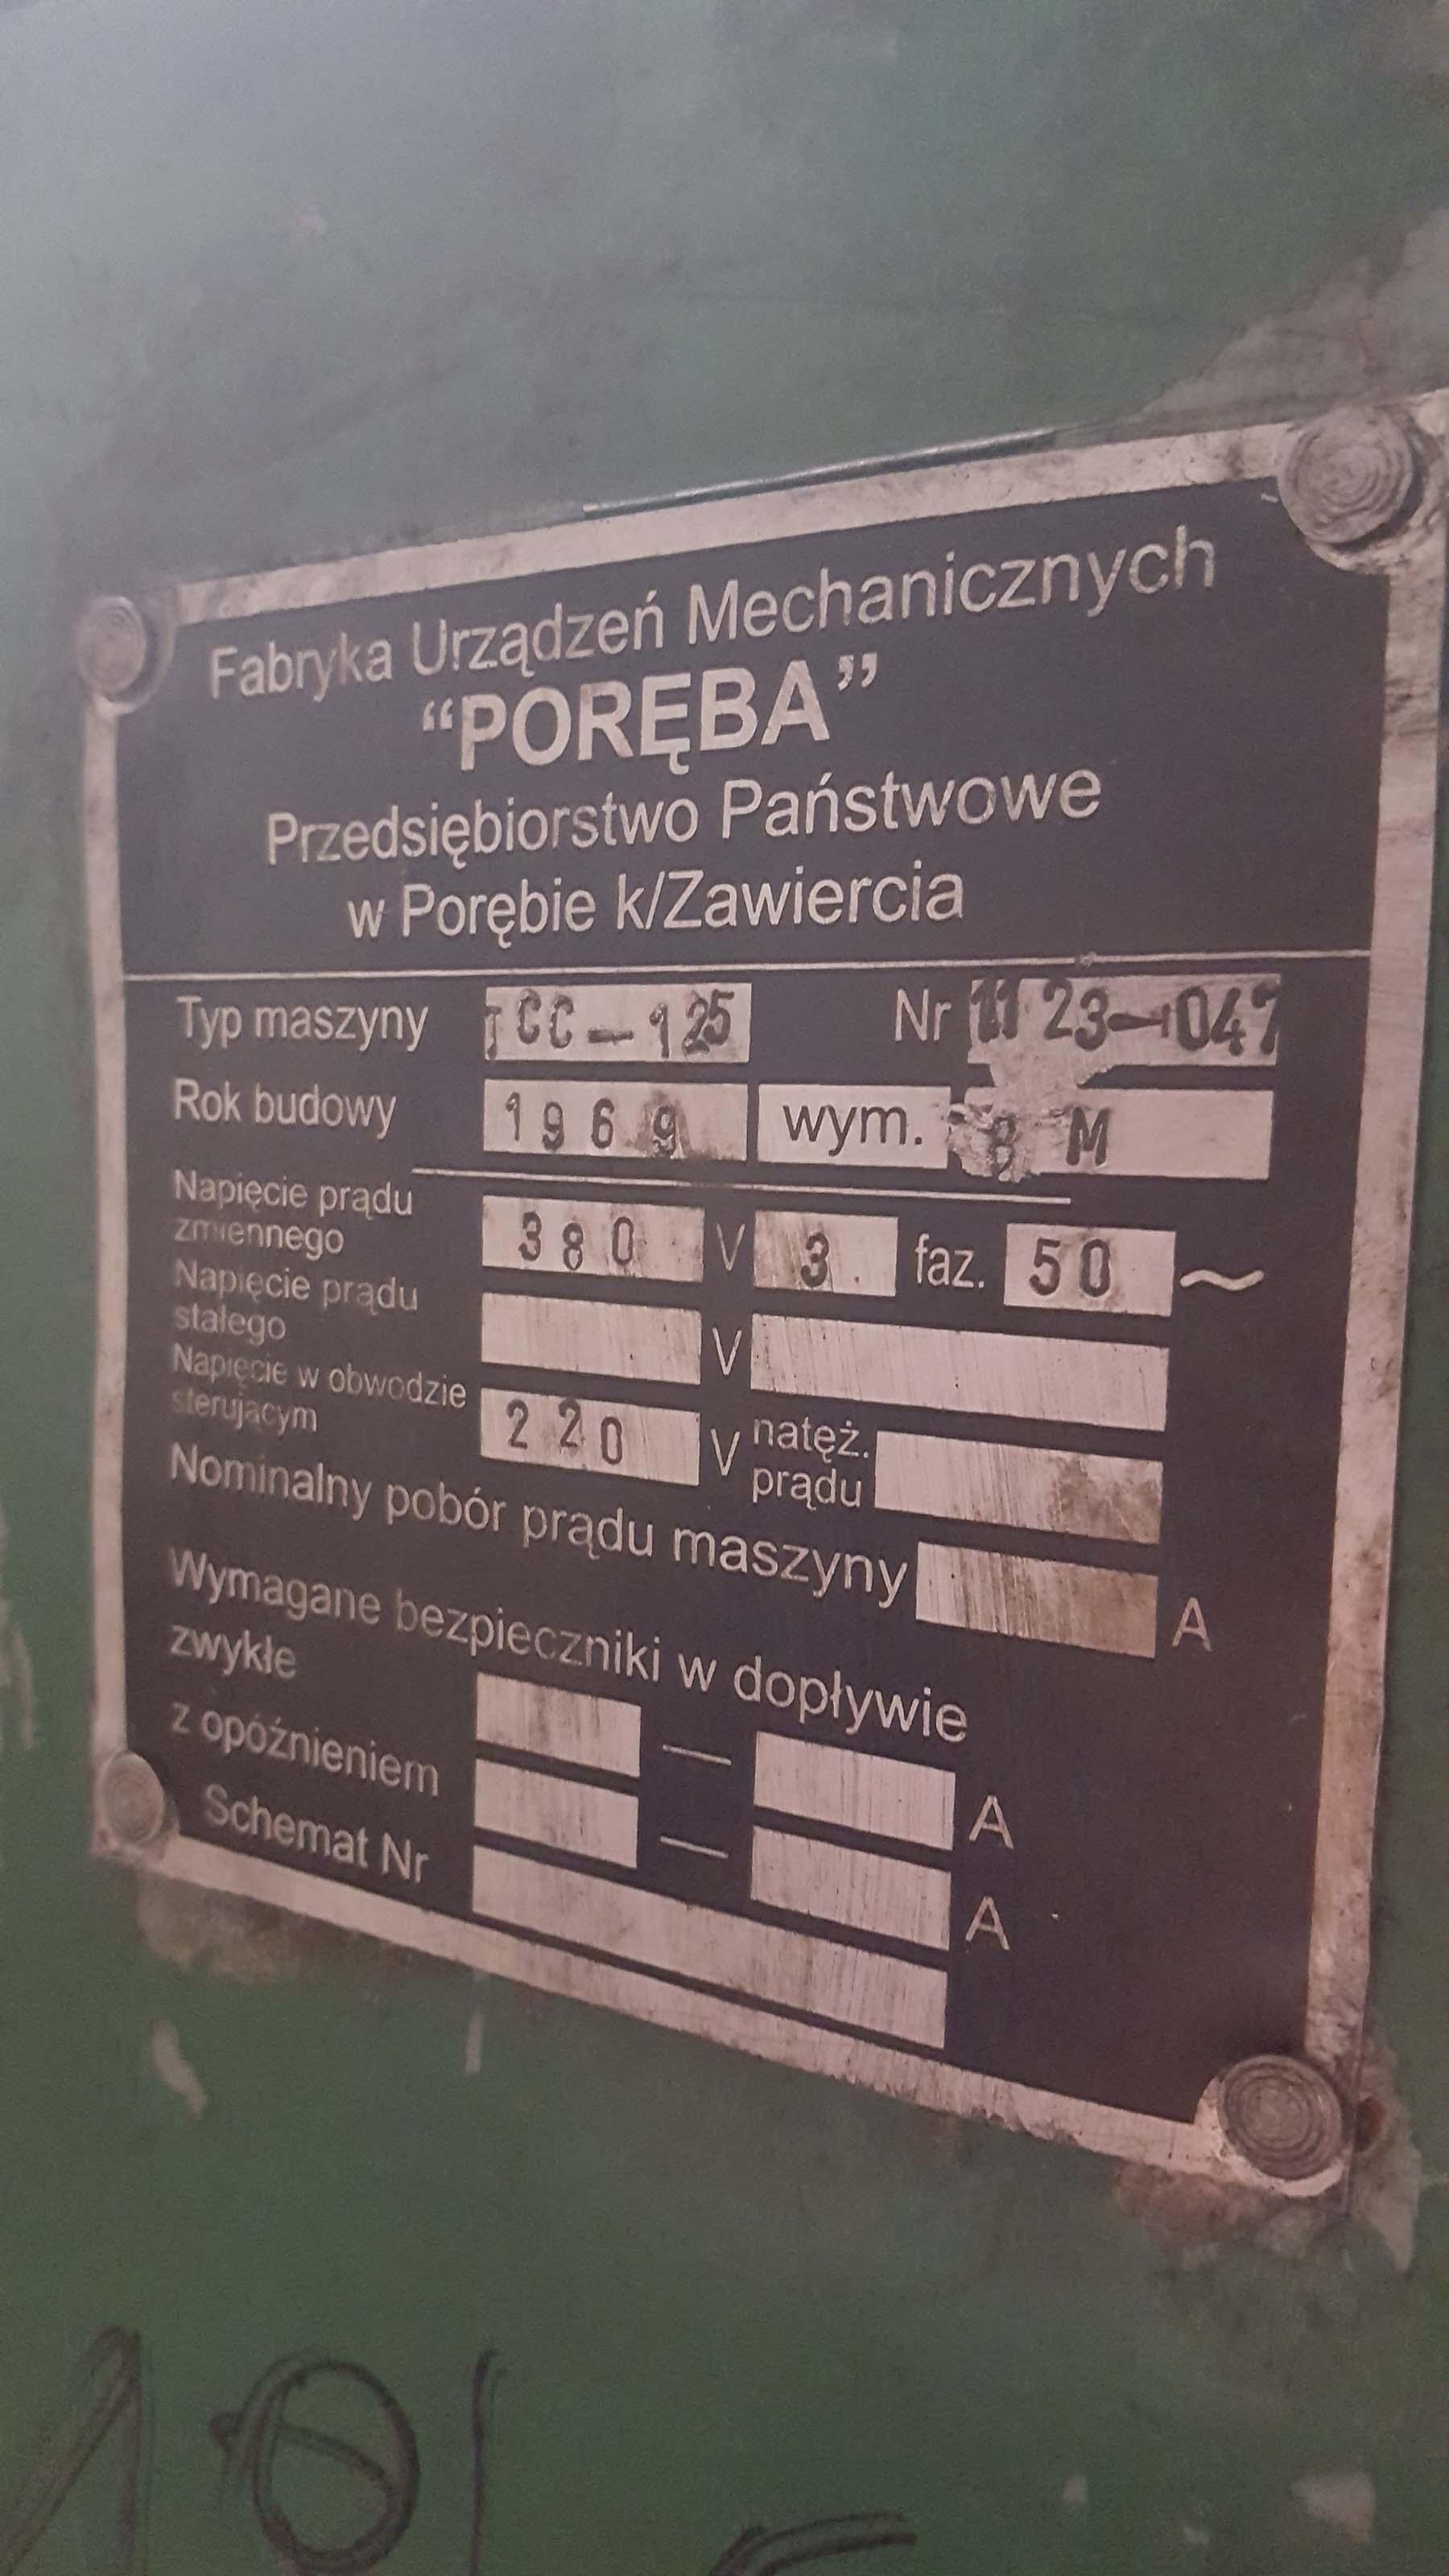 5070-poreba 125-6000.02